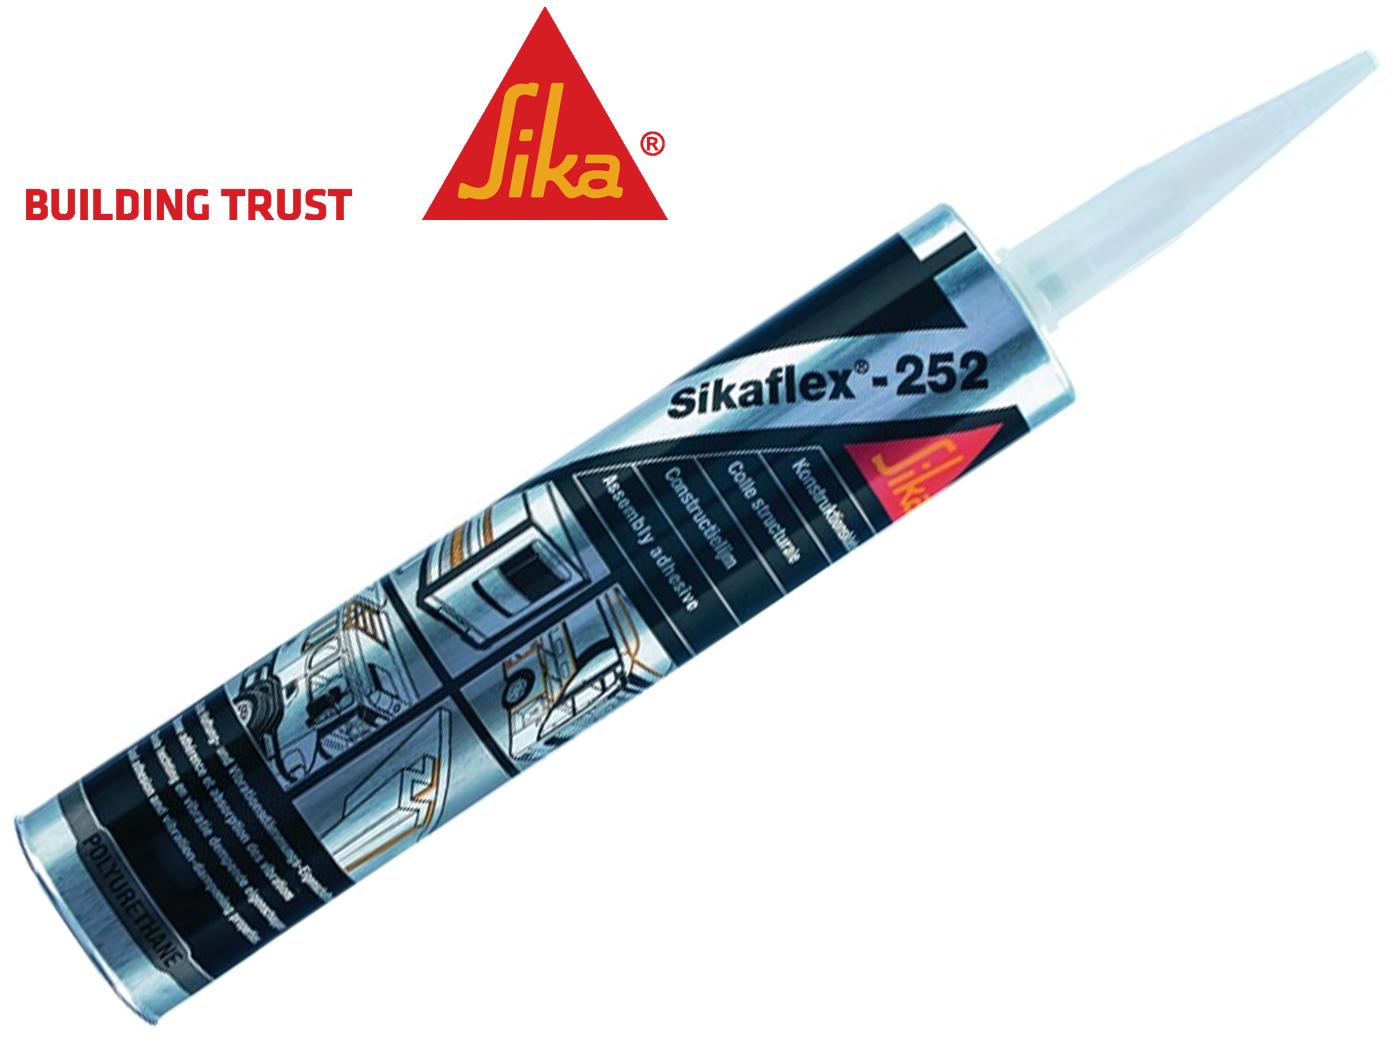 Bouwlijm Sikaflex 252 | DKMTools - DKM Tools